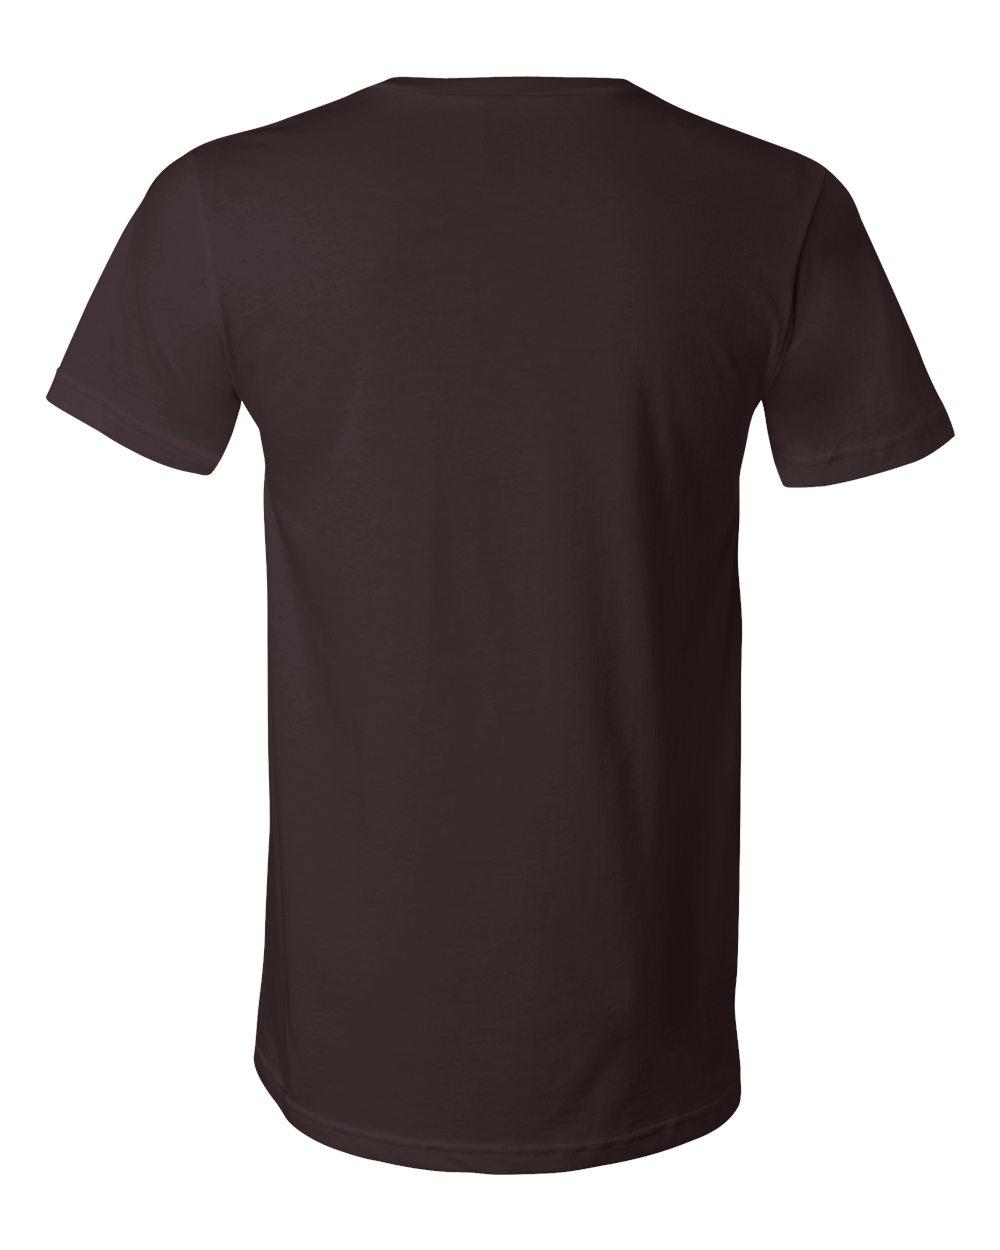 Bella-Canvas-Men-039-s-Jersey-Short-Sleeve-V-Neck-T-Shirt-3005-XS-3XL thumbnail 98